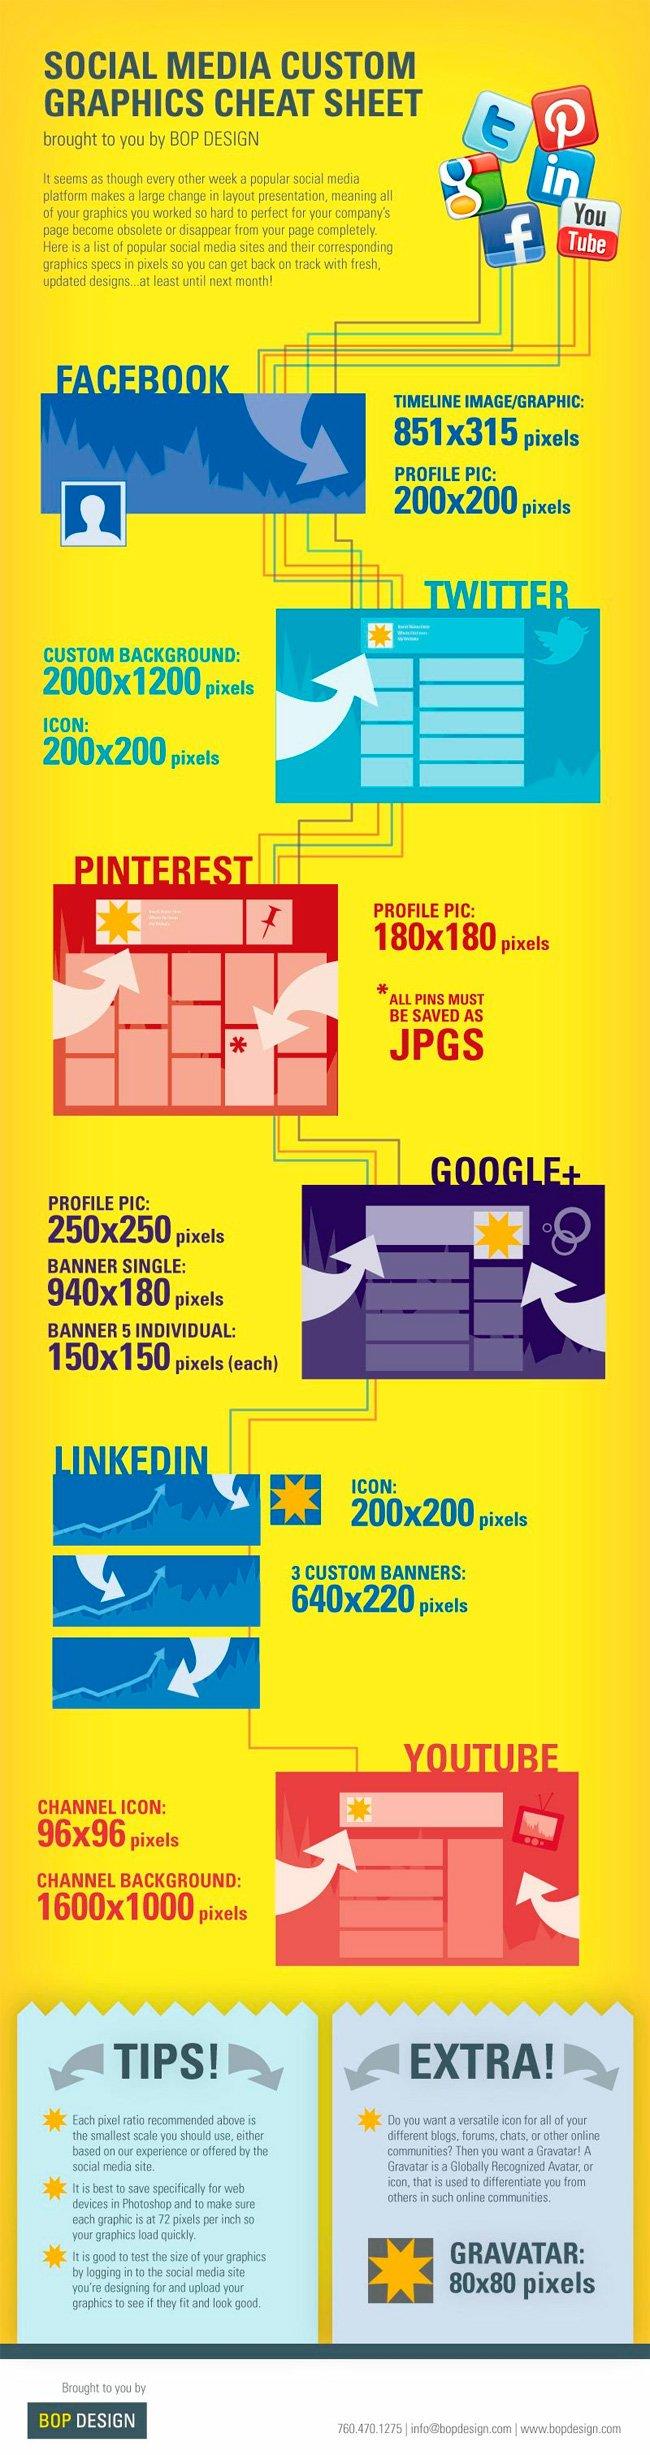 social-media-custom-graphics-cheat-sheet